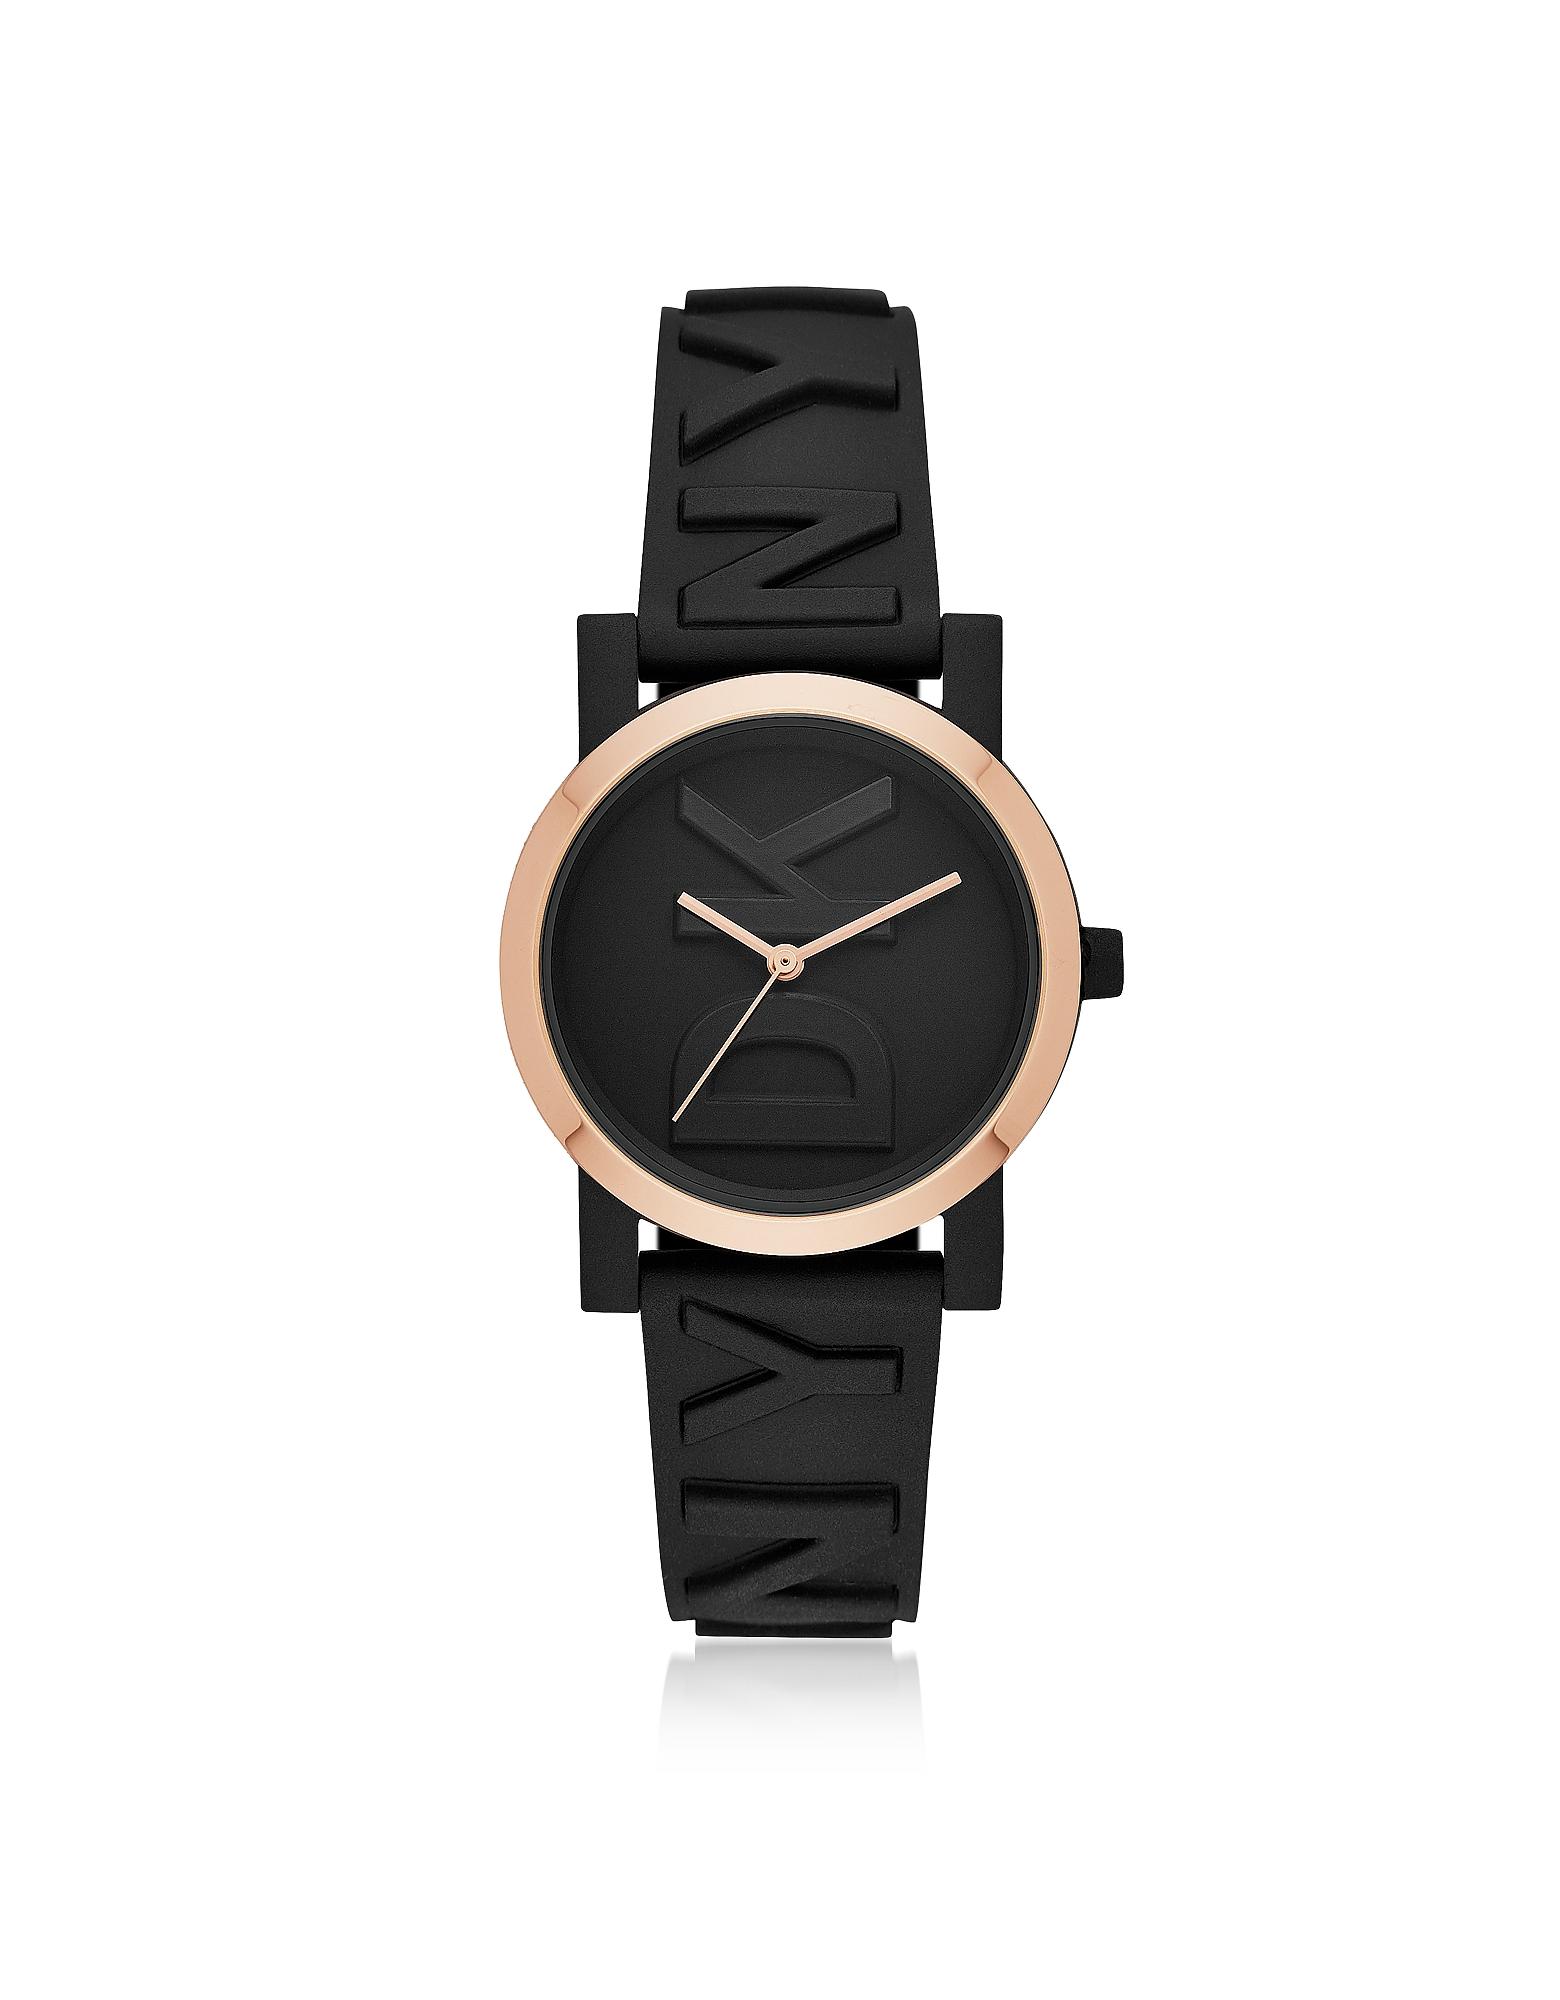 DKNY Women's Watches, NY2727 Soho Women's Watch